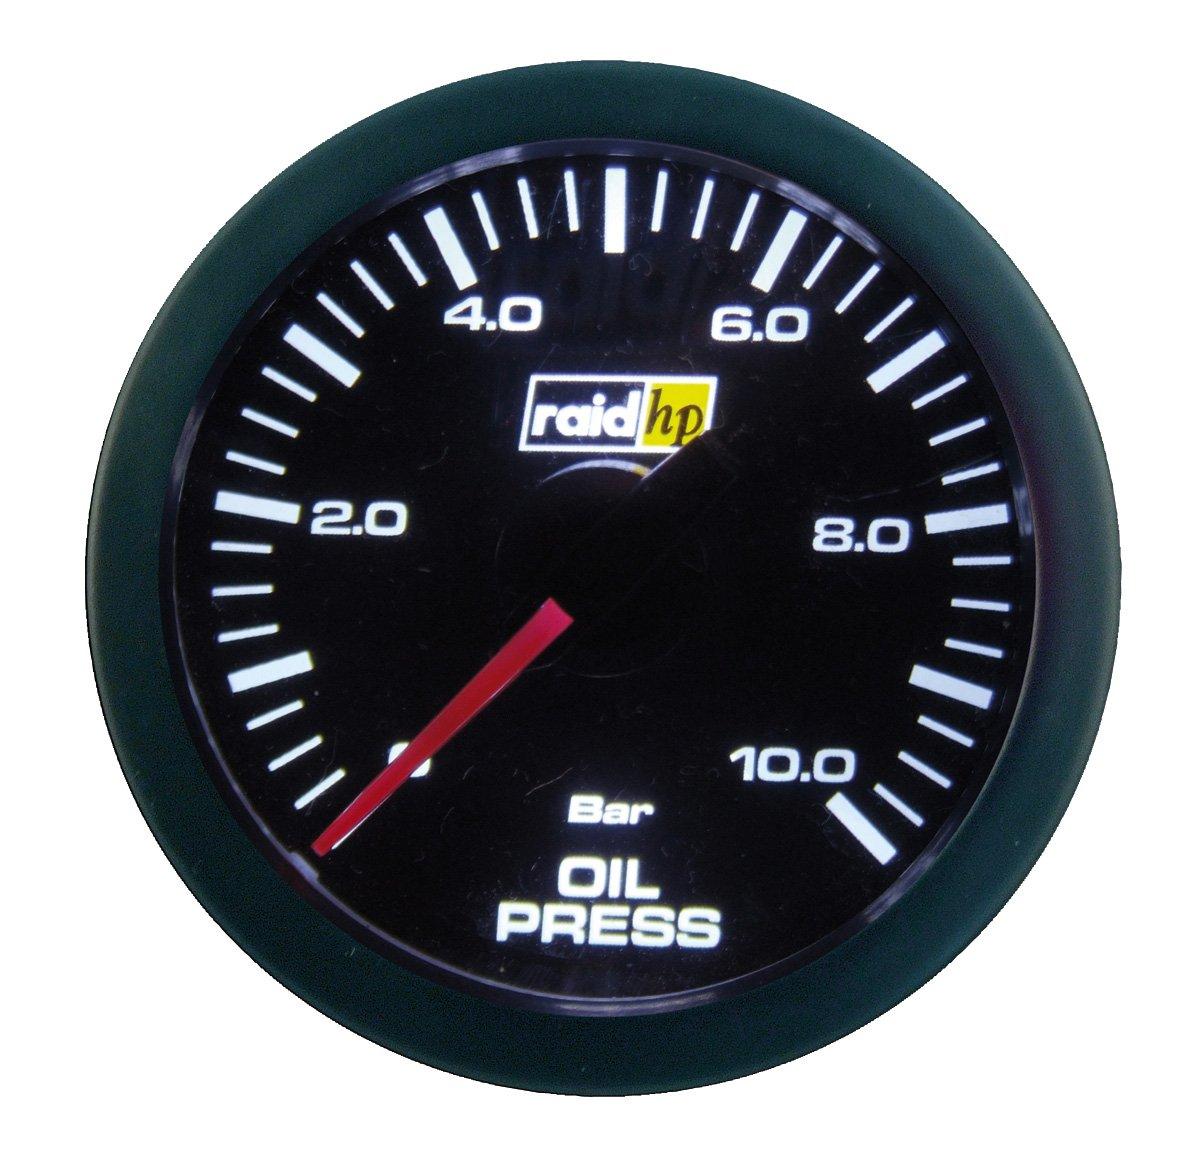 Raid HP 660173 Zusatzinstrument Ö ldruckanzeige Serie Sport